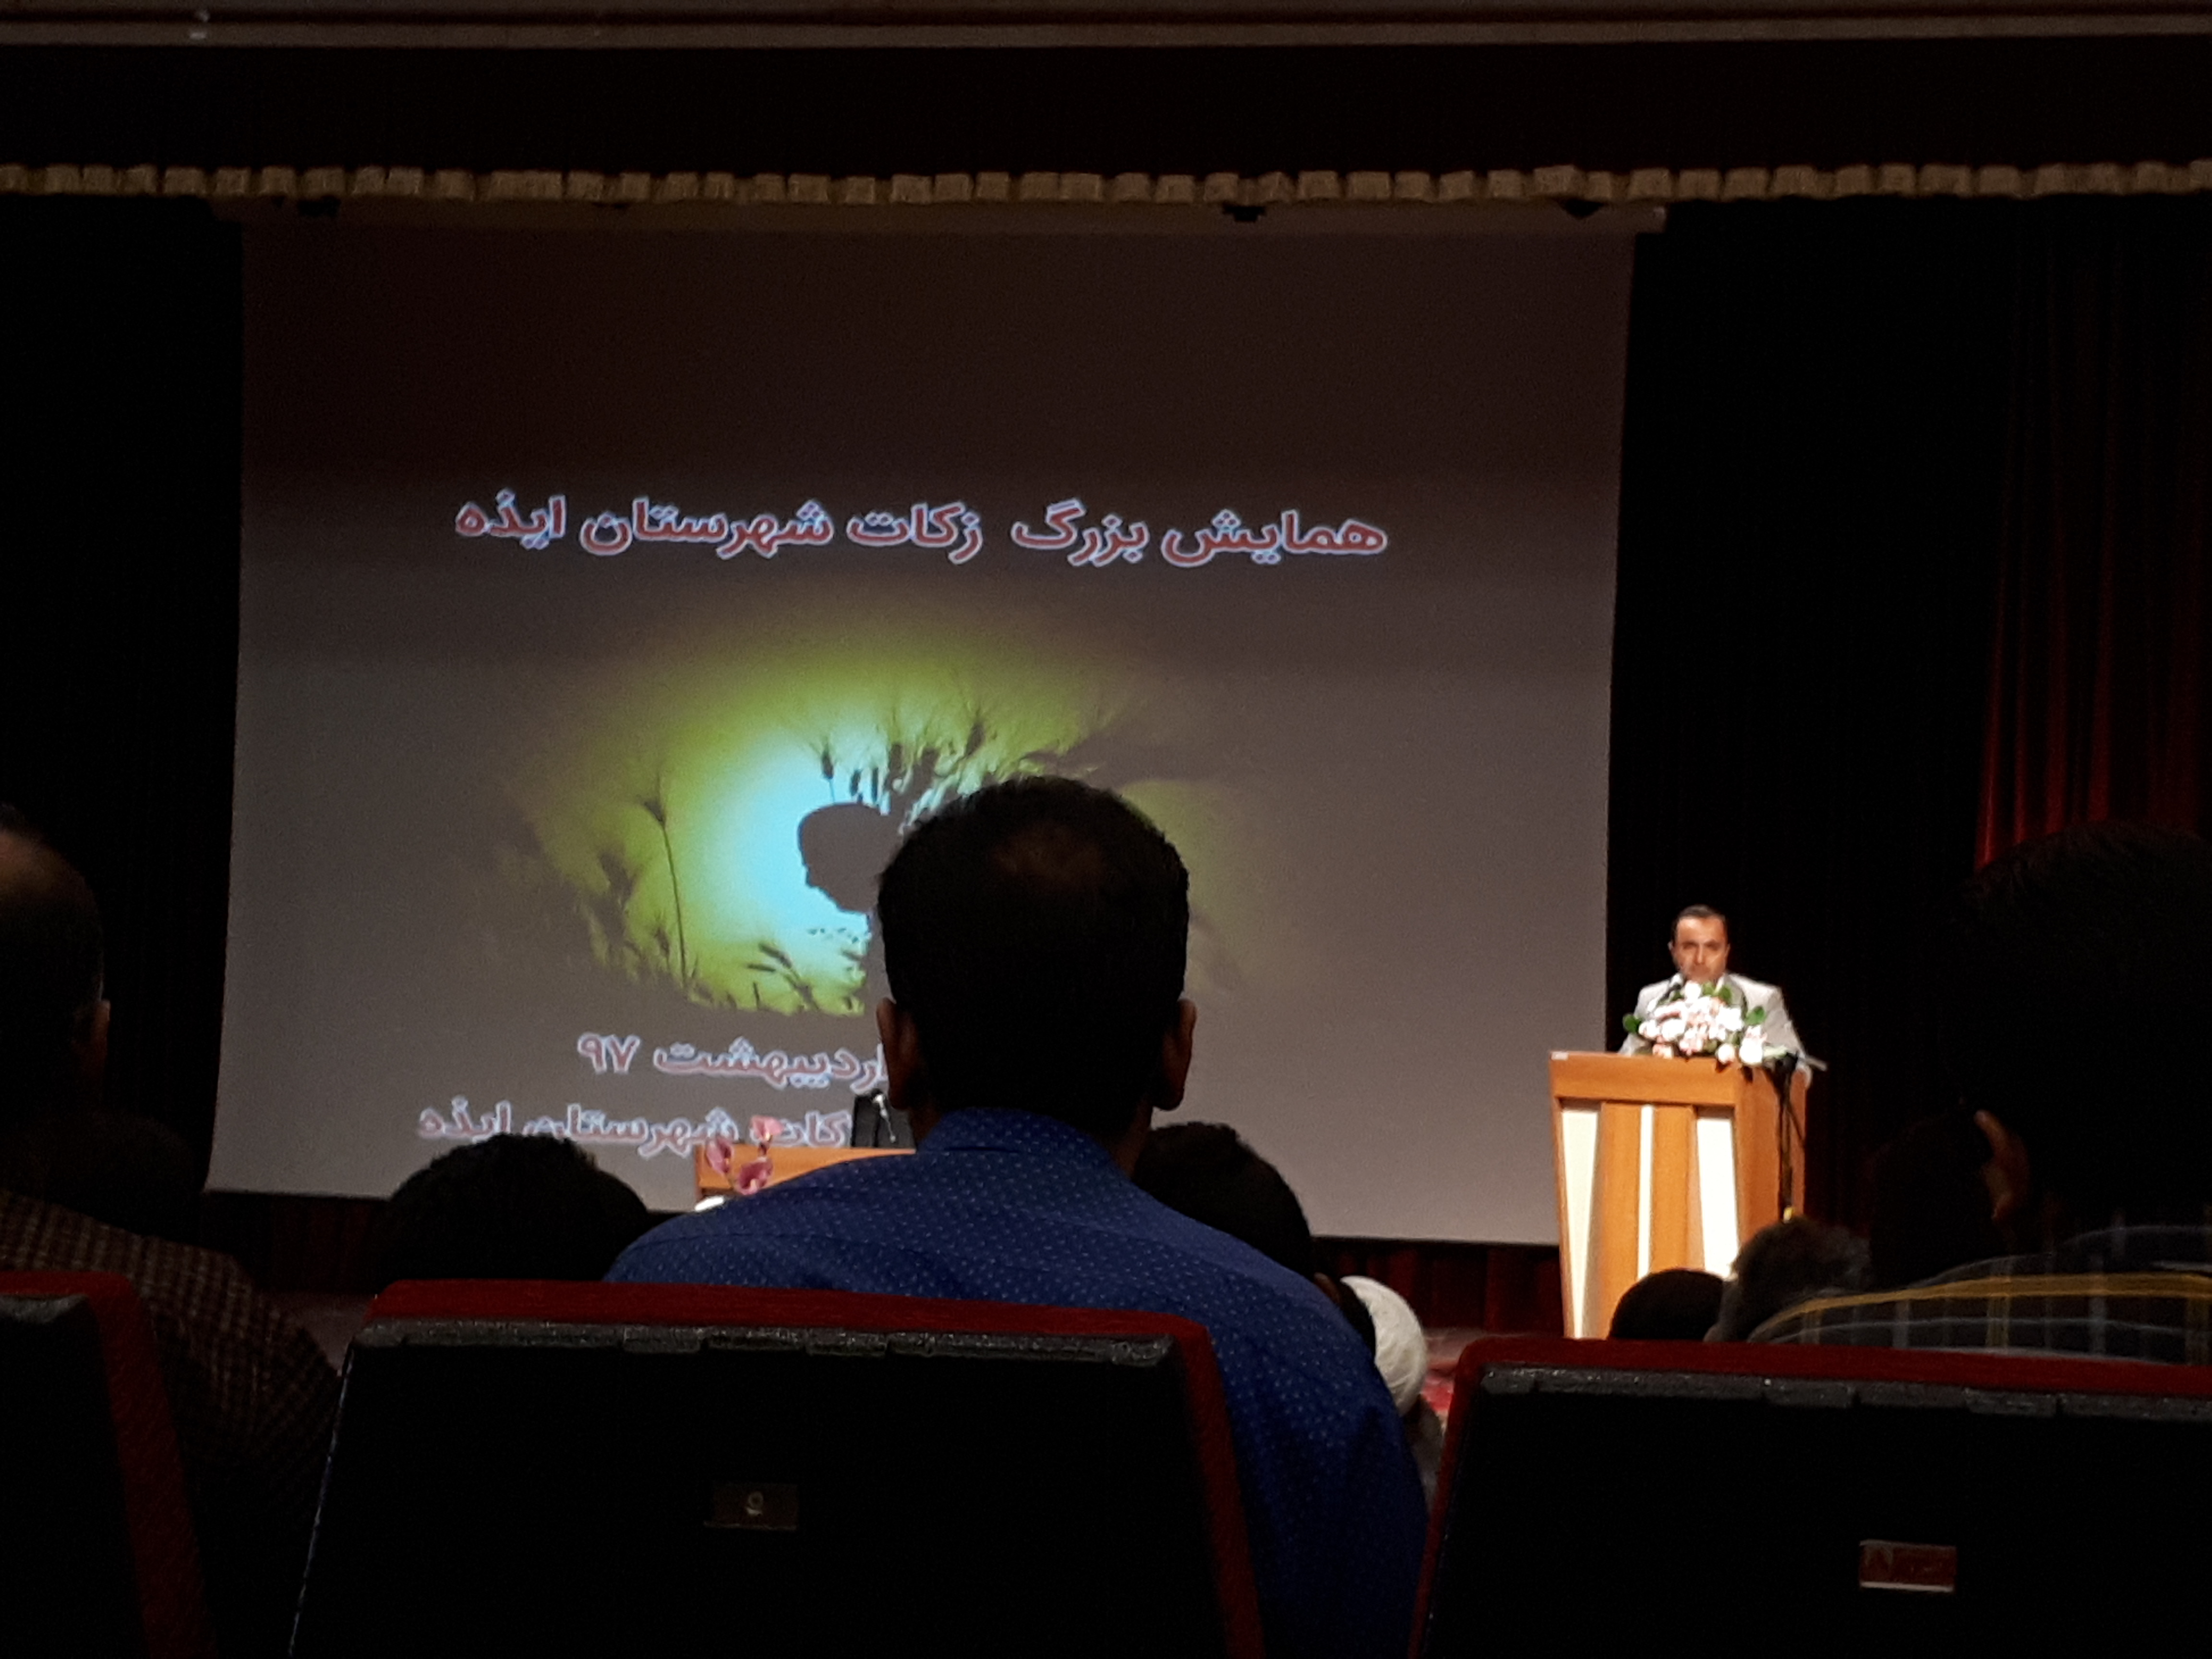 همایش زکات شهرستان ایذه برگزار شد/موصلی: رشد ۴۵ درصدی خوزستان در بخش پرداخت زکات